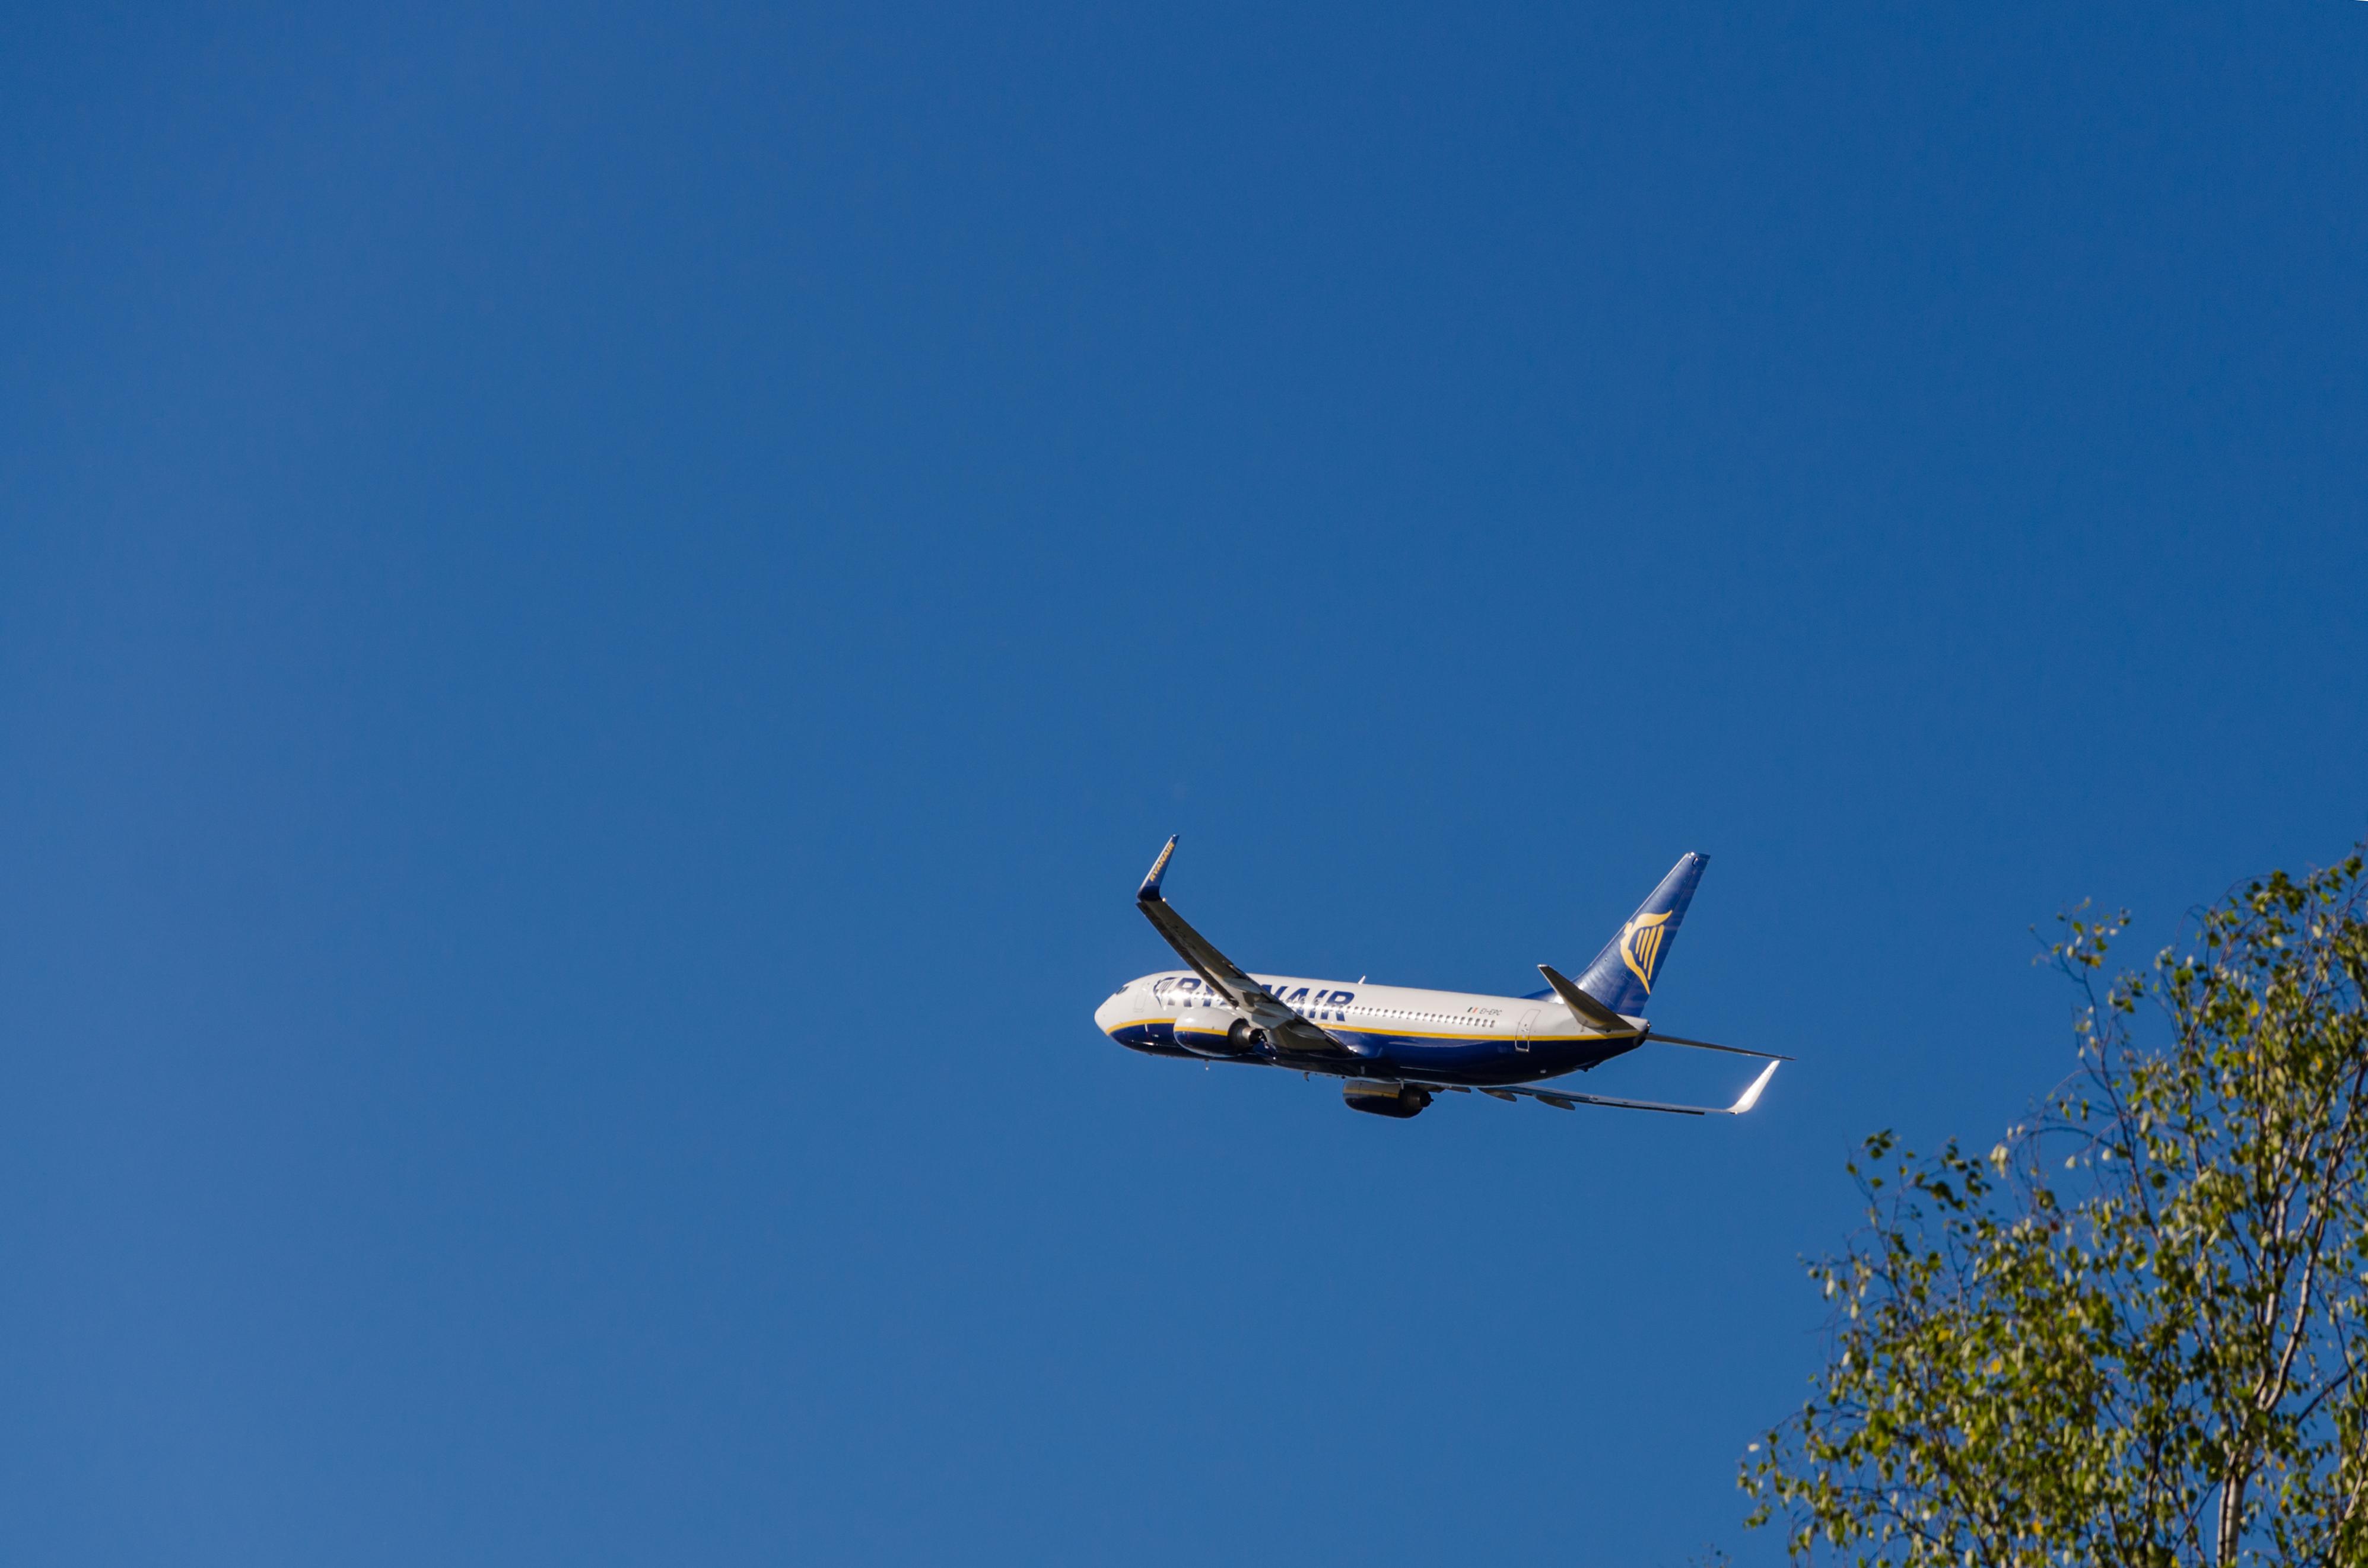 Města s vícero letišti aneb není Oslo jako Oslo